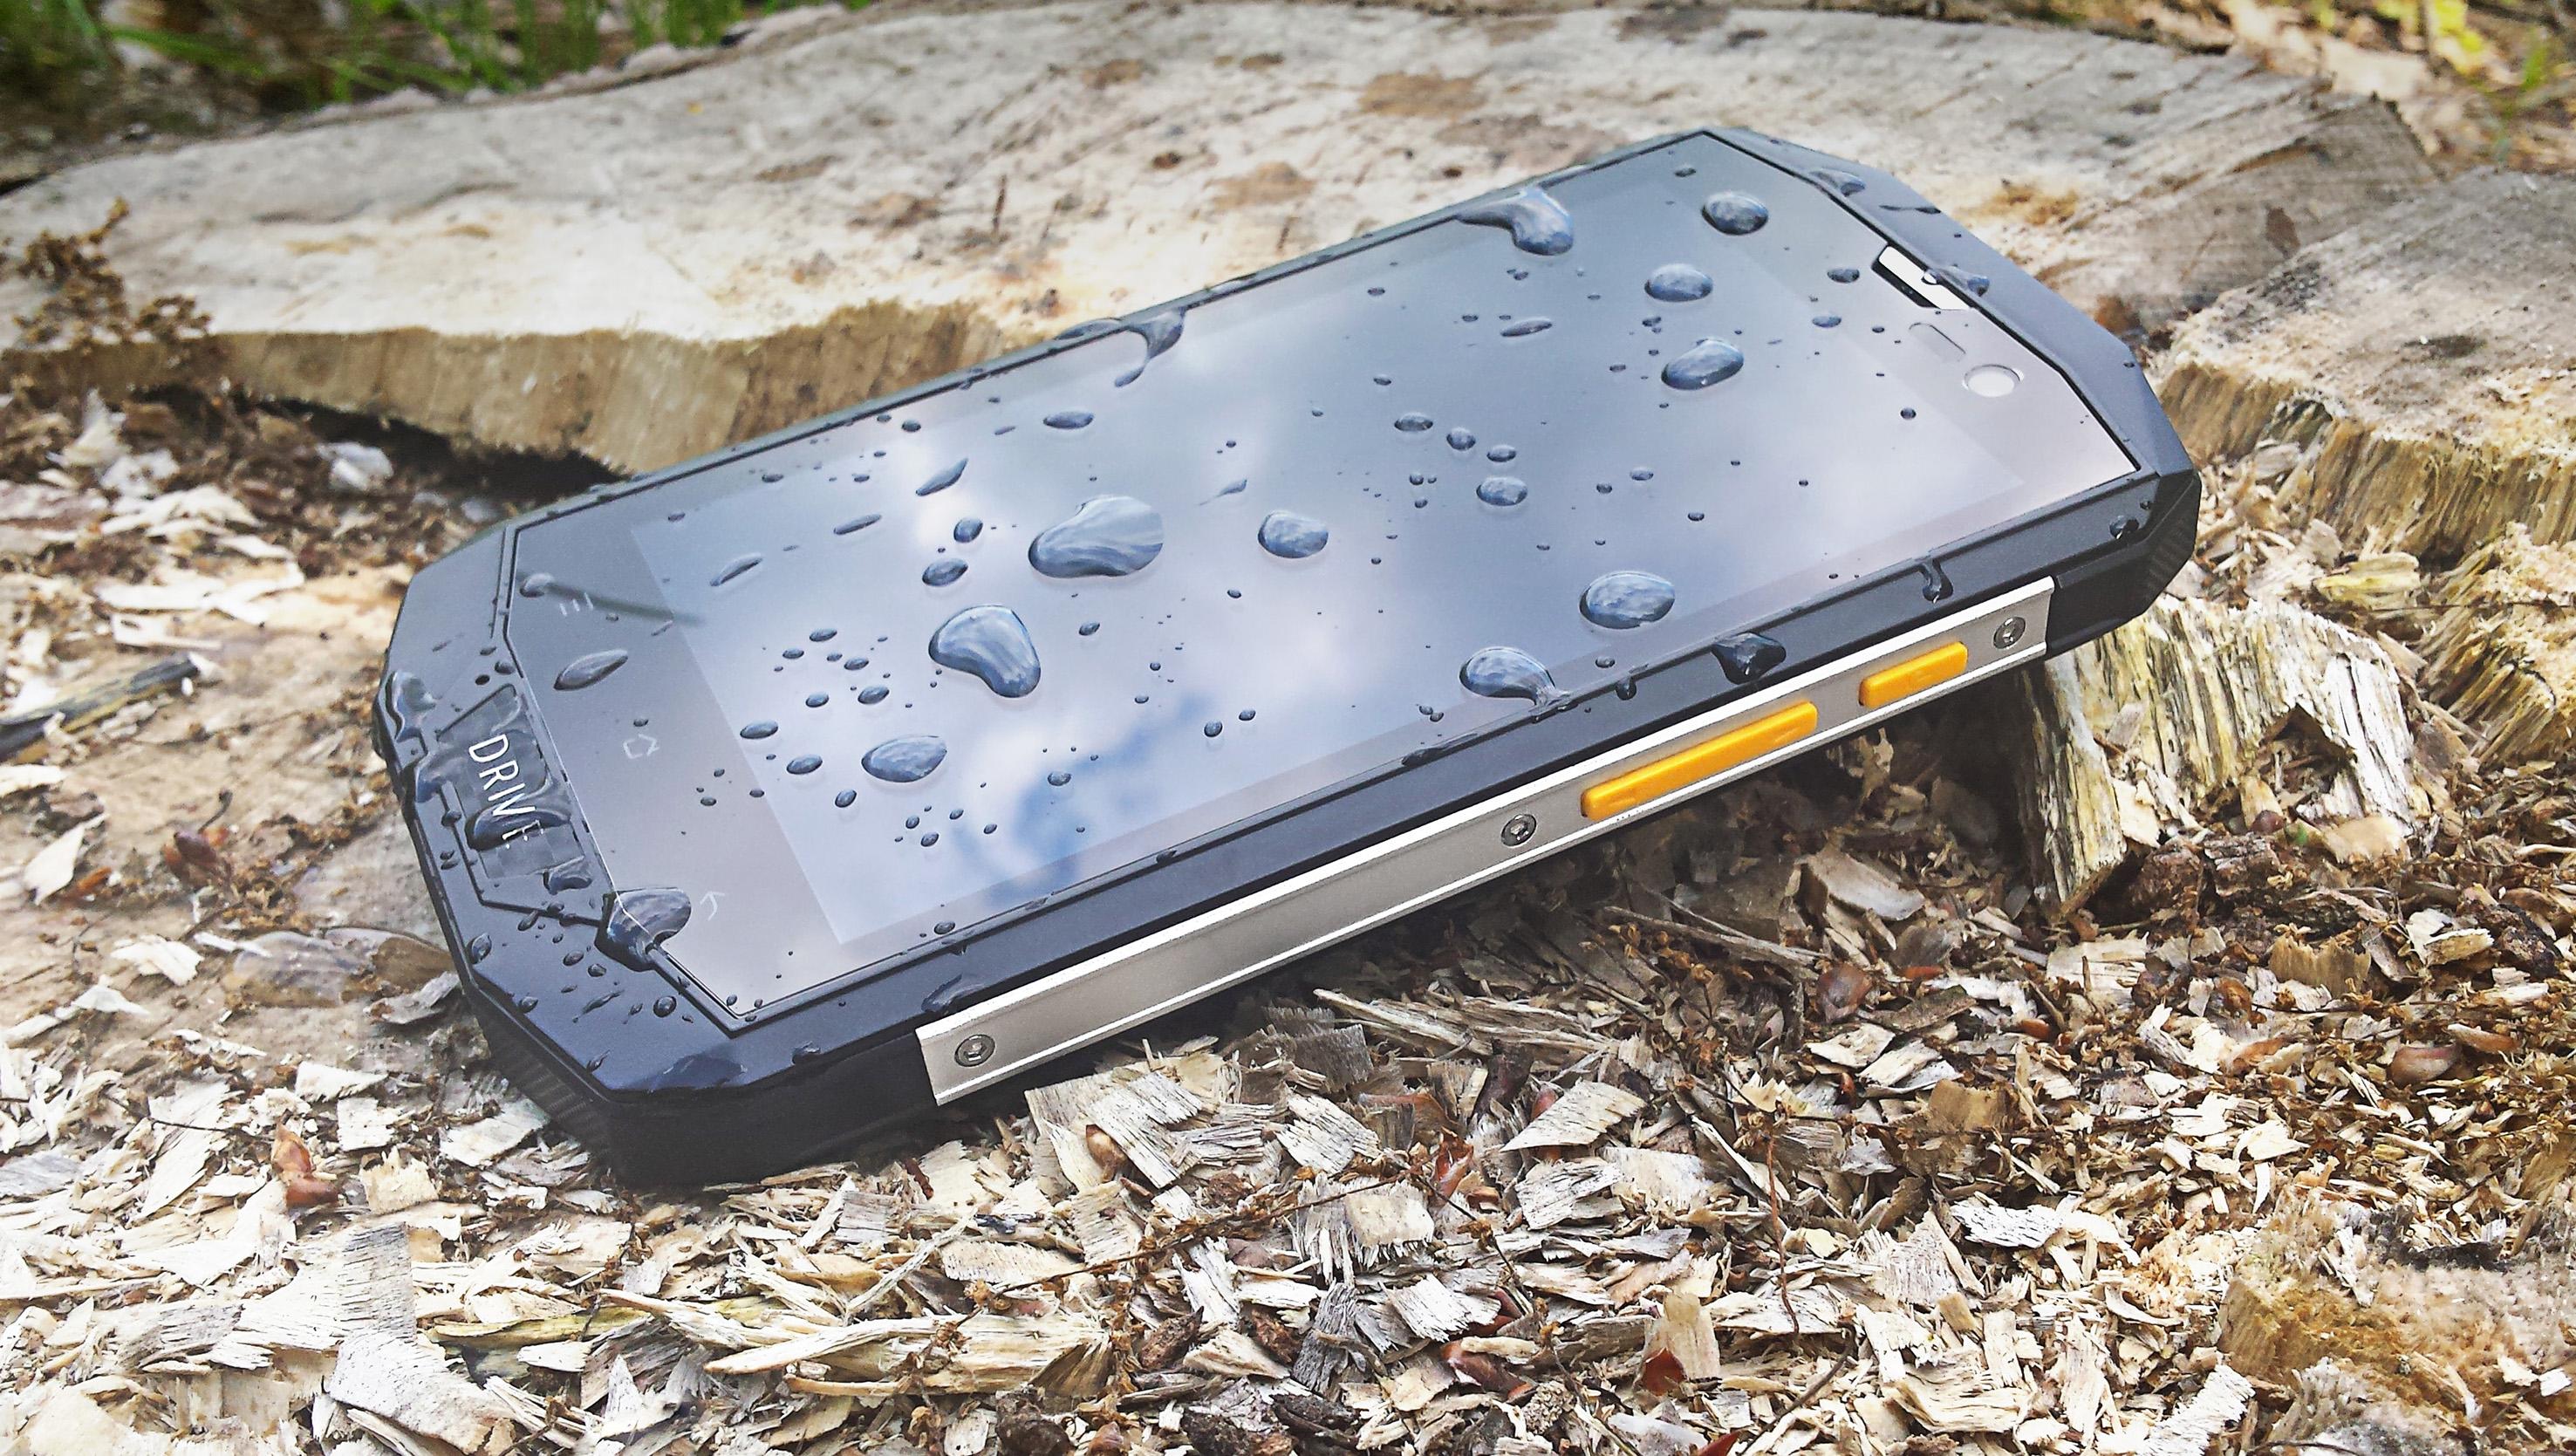 Ten smartfon chce, żeby zabrać go na wakacje – oto Kruger&Matz Drive 3